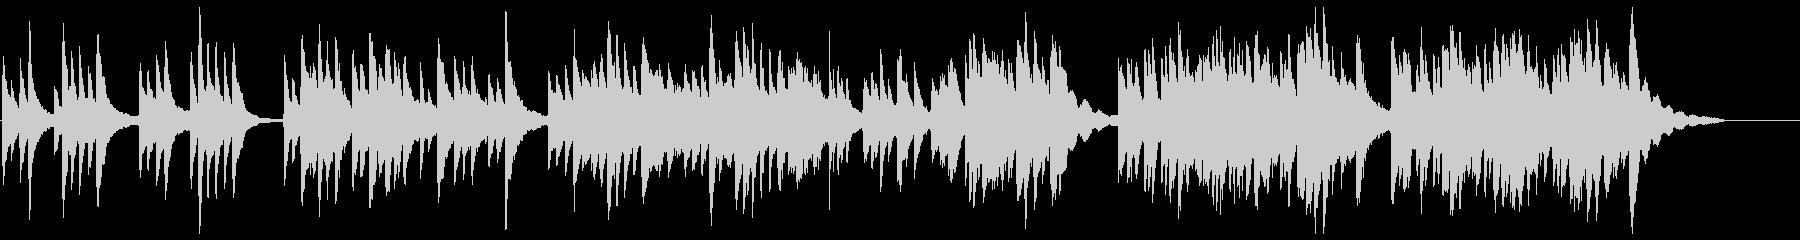 Wakatake-1の未再生の波形